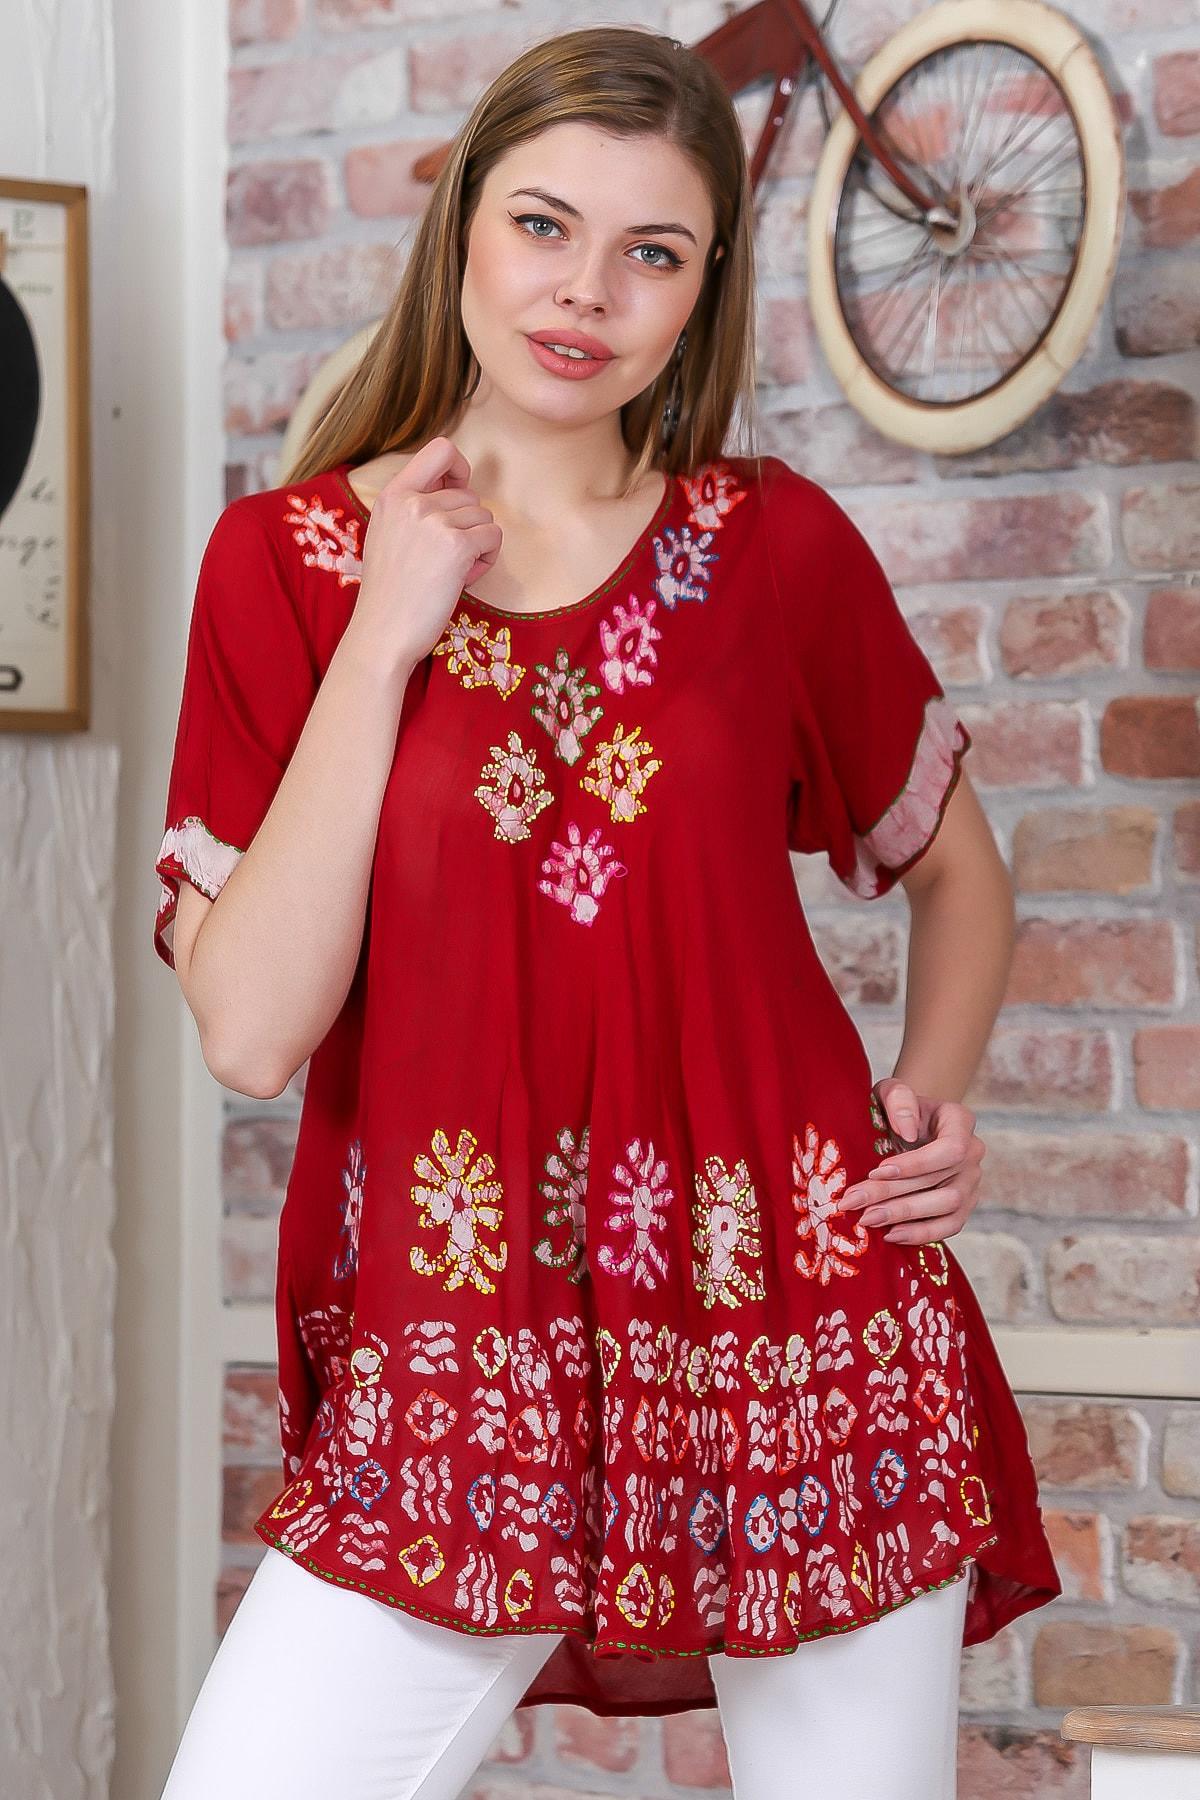 Chiccy Kadın Kırmızı Çiçek Baskılı Nakış Dikişli Kısa Kol Batik Salaş Dokuma Bluz M10010200BL95495